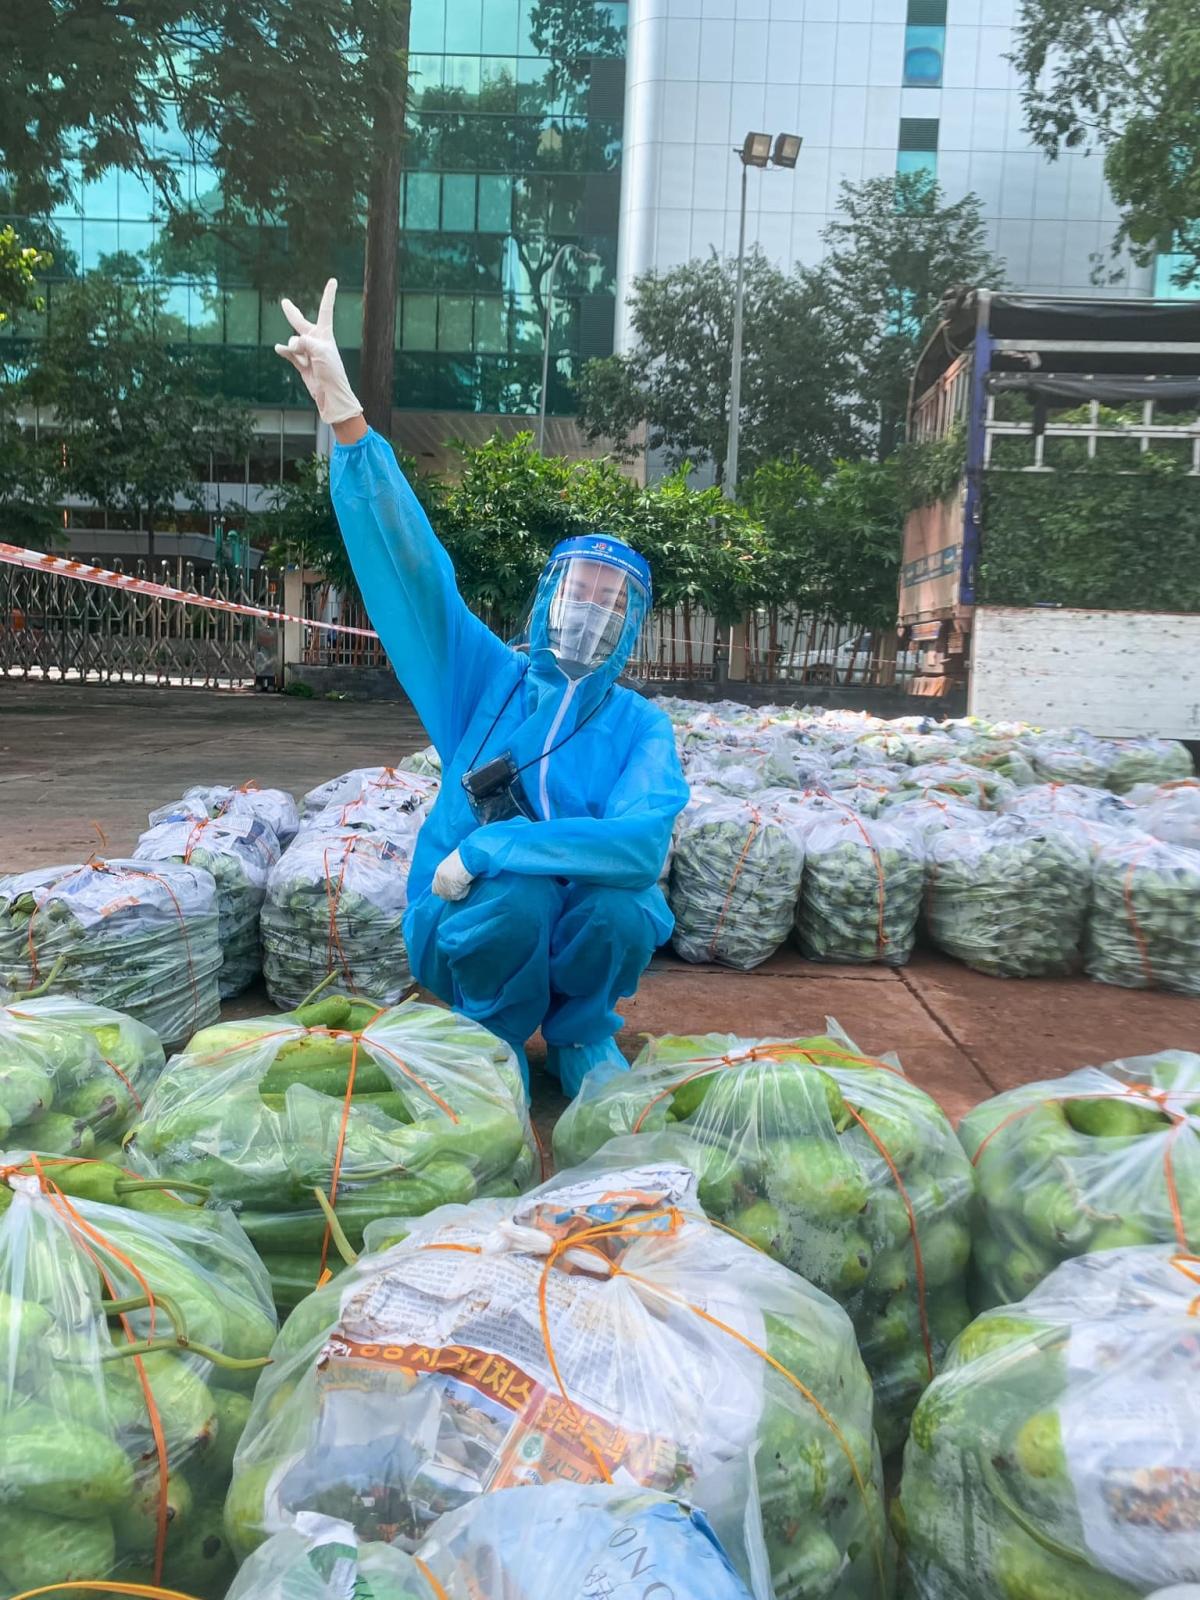 Sau 4 đợt thực hiện thành công, dự án tiếp tục triển khai đợt 5 với sự tham gia đồng hành cùng tổ chức Hoa hậu Hoàn vũ Việt Nam, trong việc tiếp nhận nguồn quyên góp và đặt mua lương thực thực phẩm với mức chi phí ưu đãi nhất và trao tặng cho các đối tượng ưu tiên.